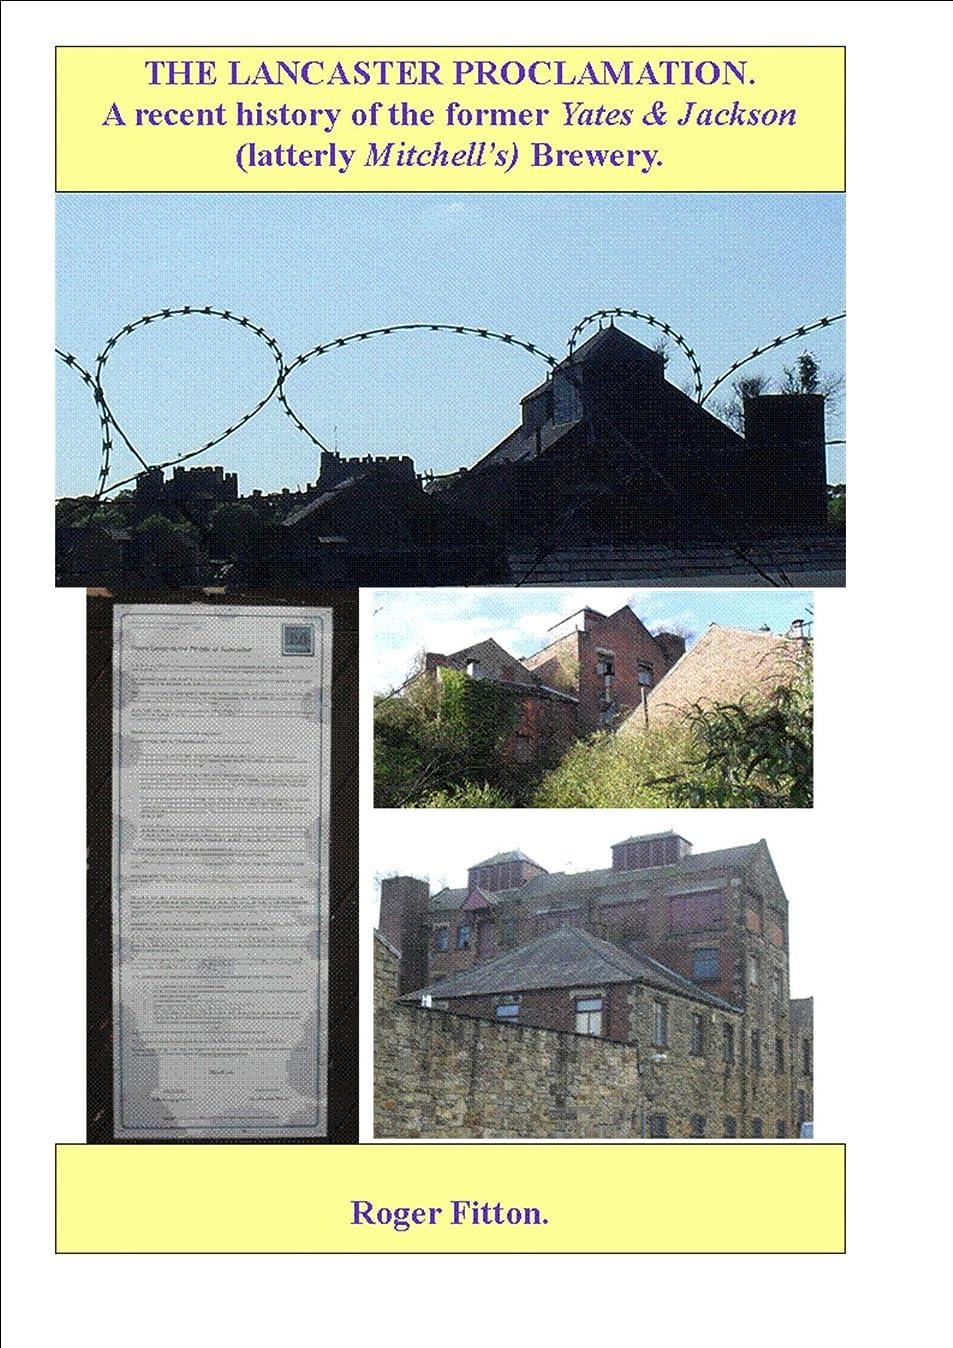 ペグモバイルレギュラーThe Lancaster Proclamation: Mitchell's Brewery Controversy. (English Edition)